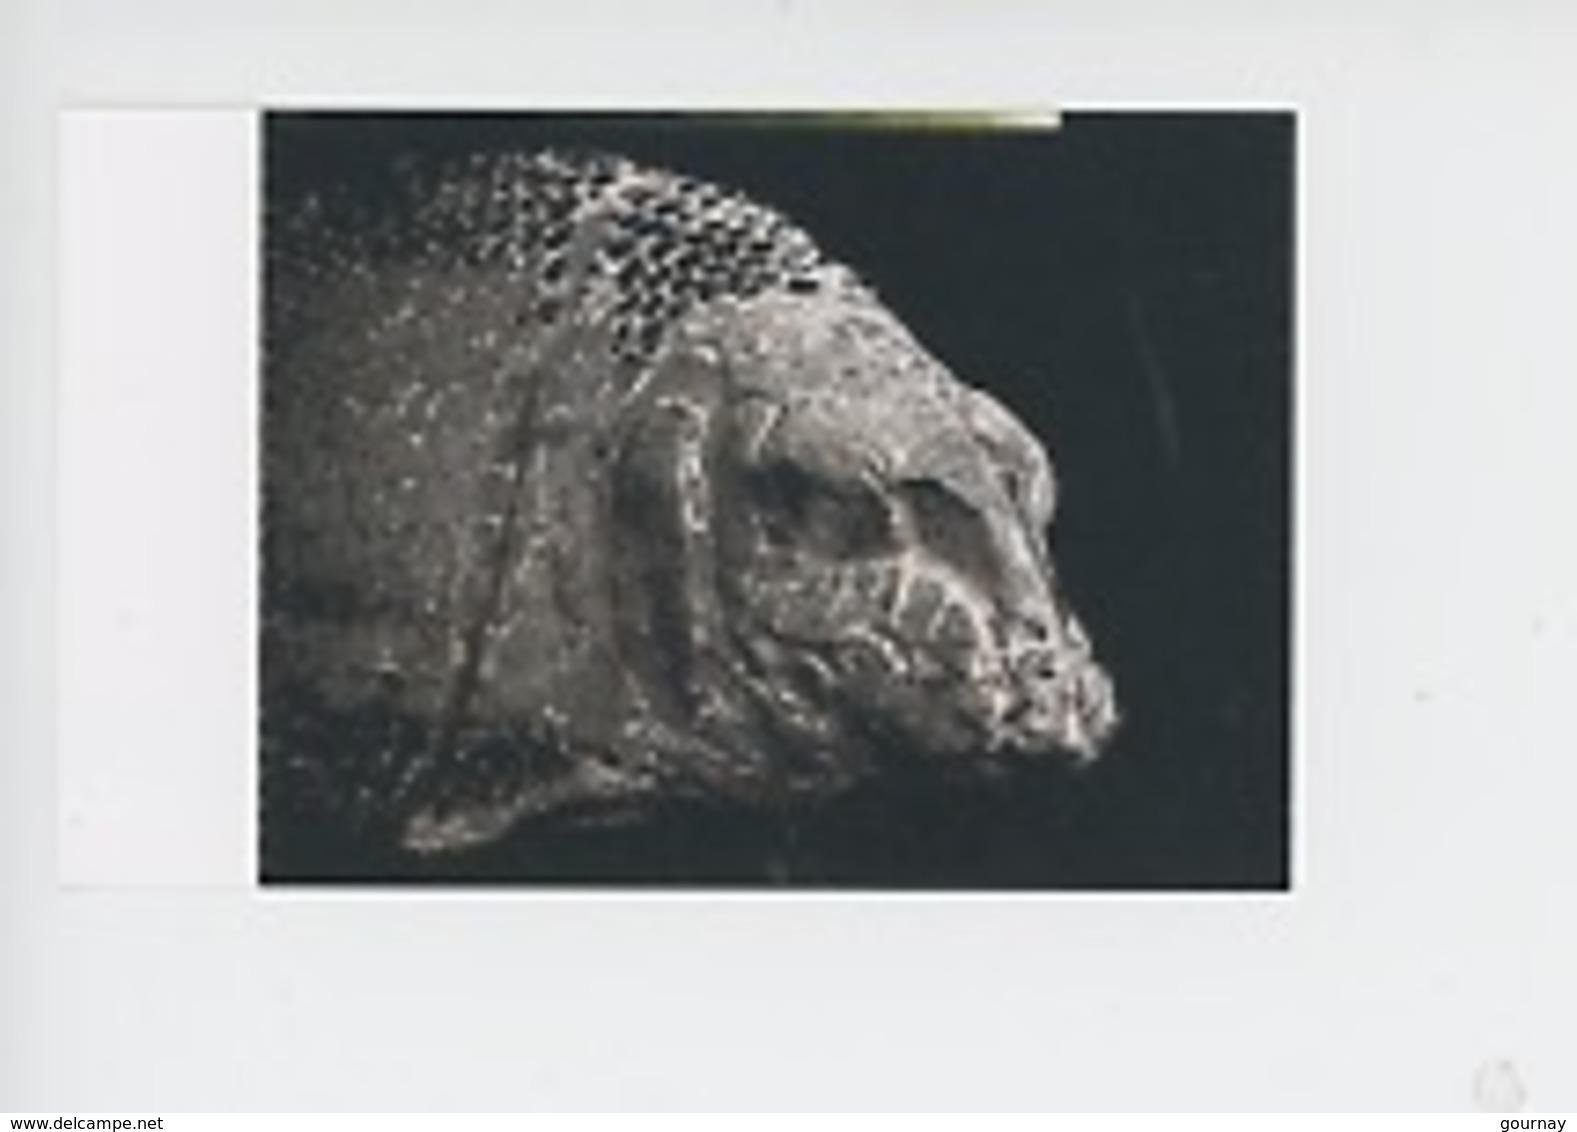 Ticket - Lepidotes Iennieri, Poisson Fossile, Cap De La Hève, 155 Millions D'années  (muséum Le Havre) - Tickets - Vouchers